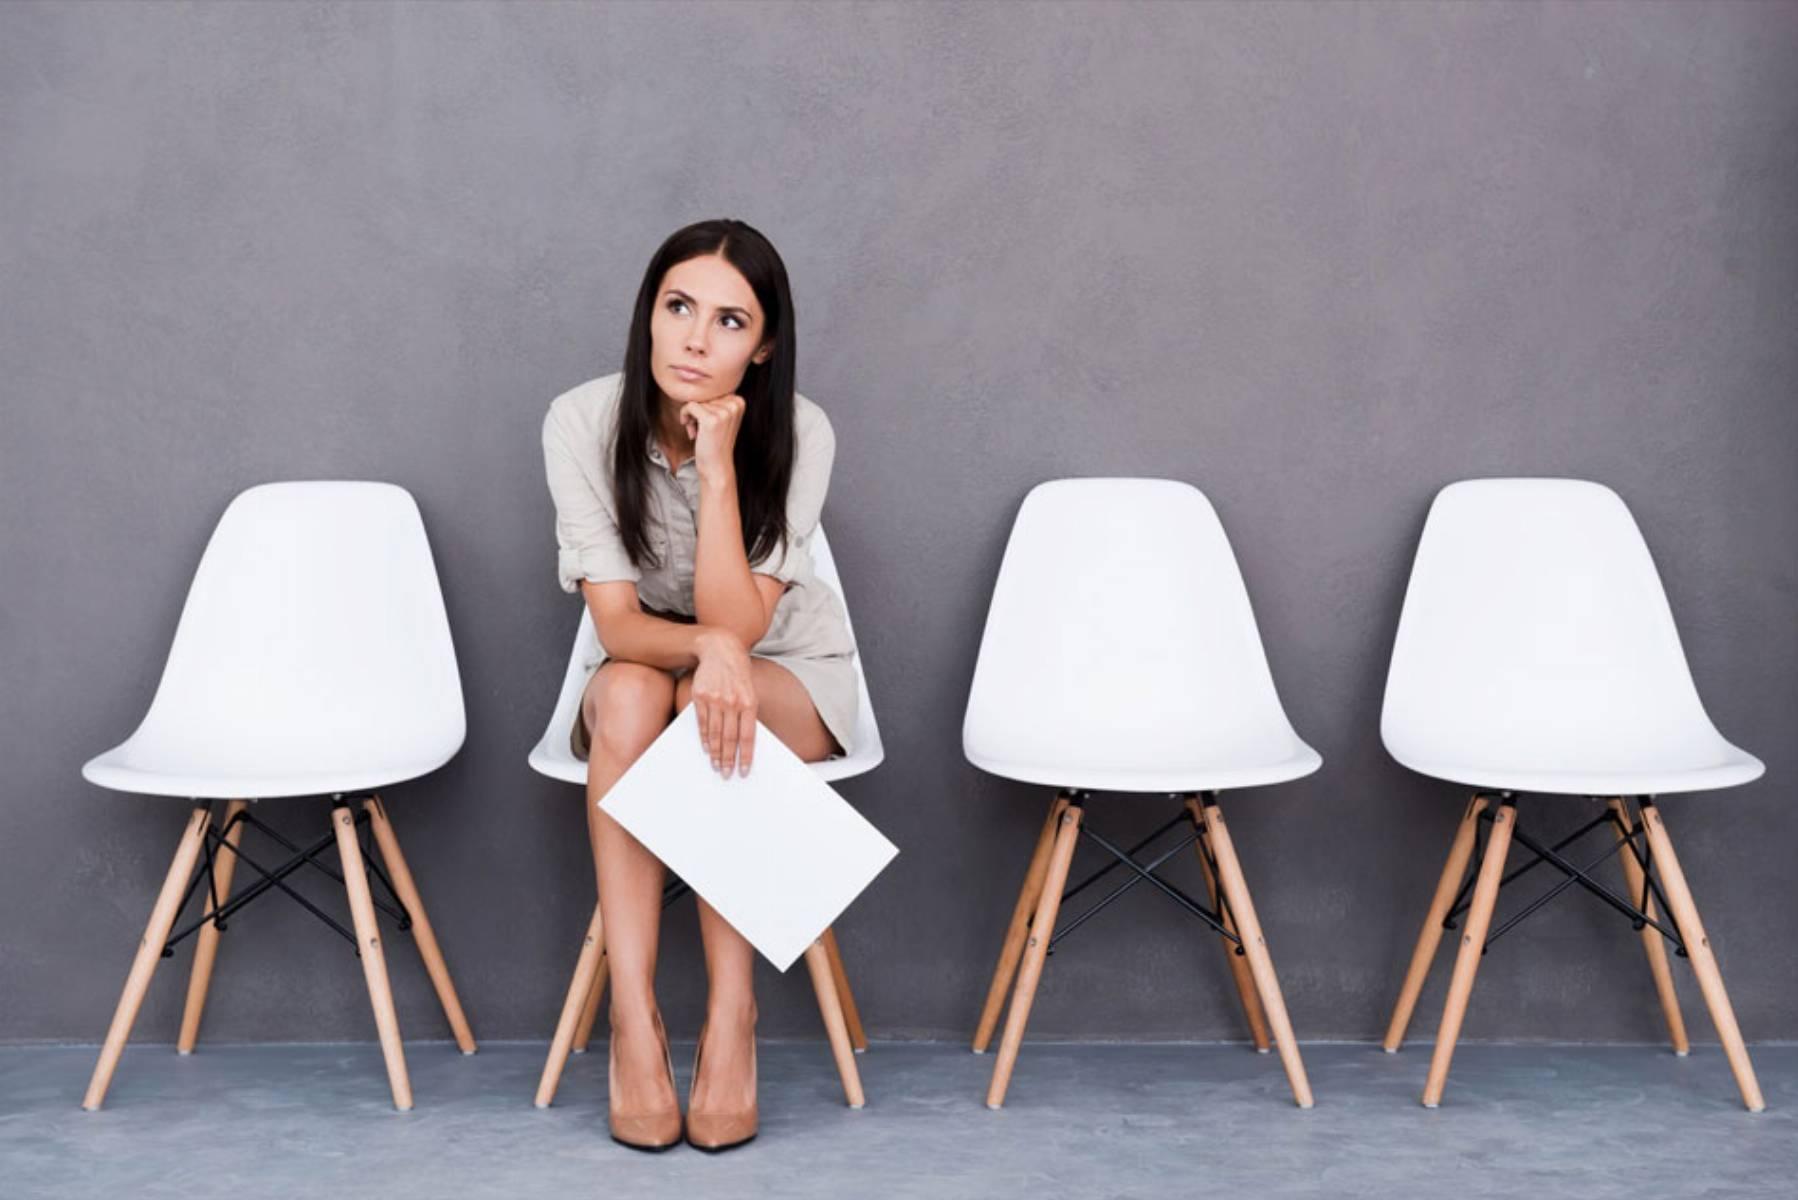 Jak się ubrać na rozmowę kwalifikacyjną